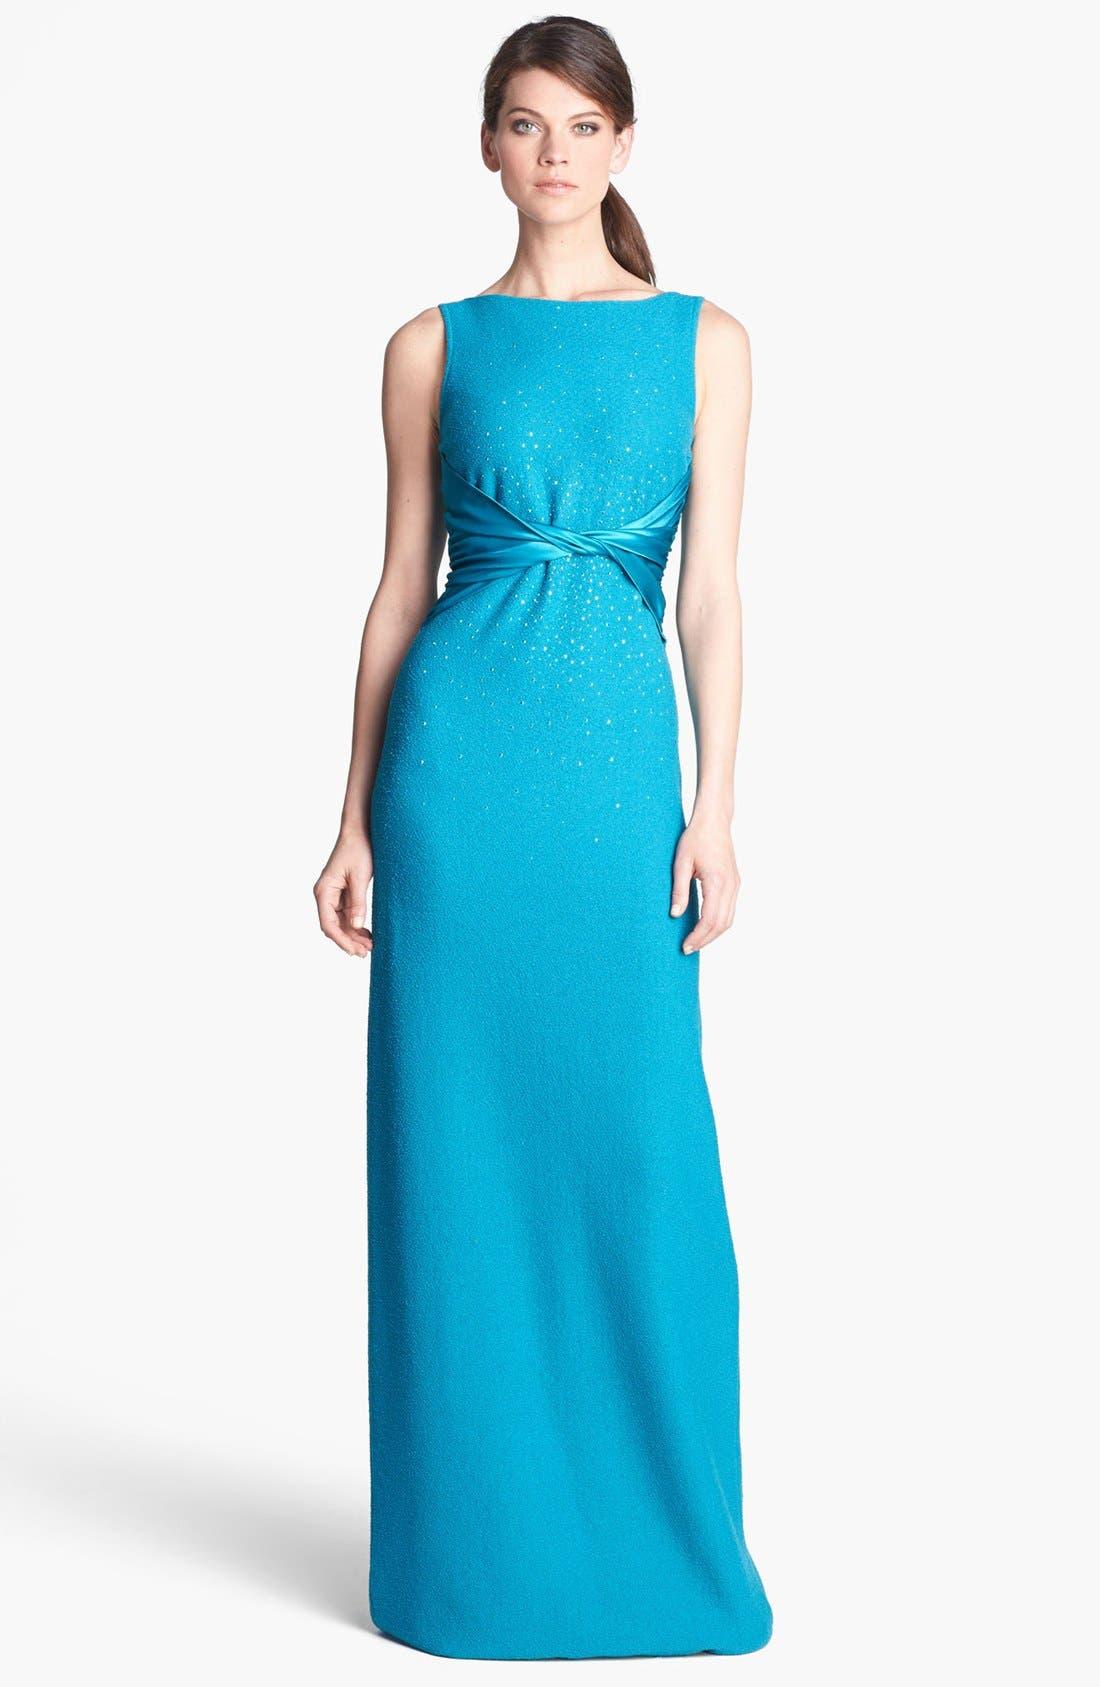 Main Image - St. John Collection Sequin Accent Bouclé Knit Gown